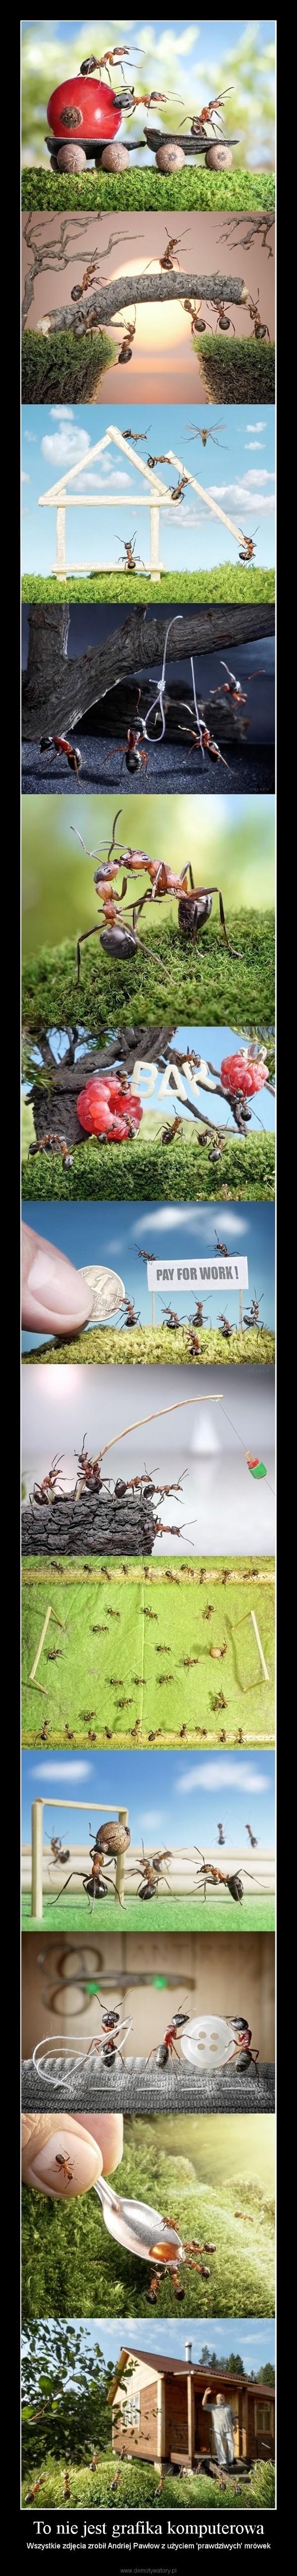 To nie jest grafika komputerowa – Wszystkie zdjęcia zrobił Andriej Pawłow z użyciem 'prawdziwych' mrówek